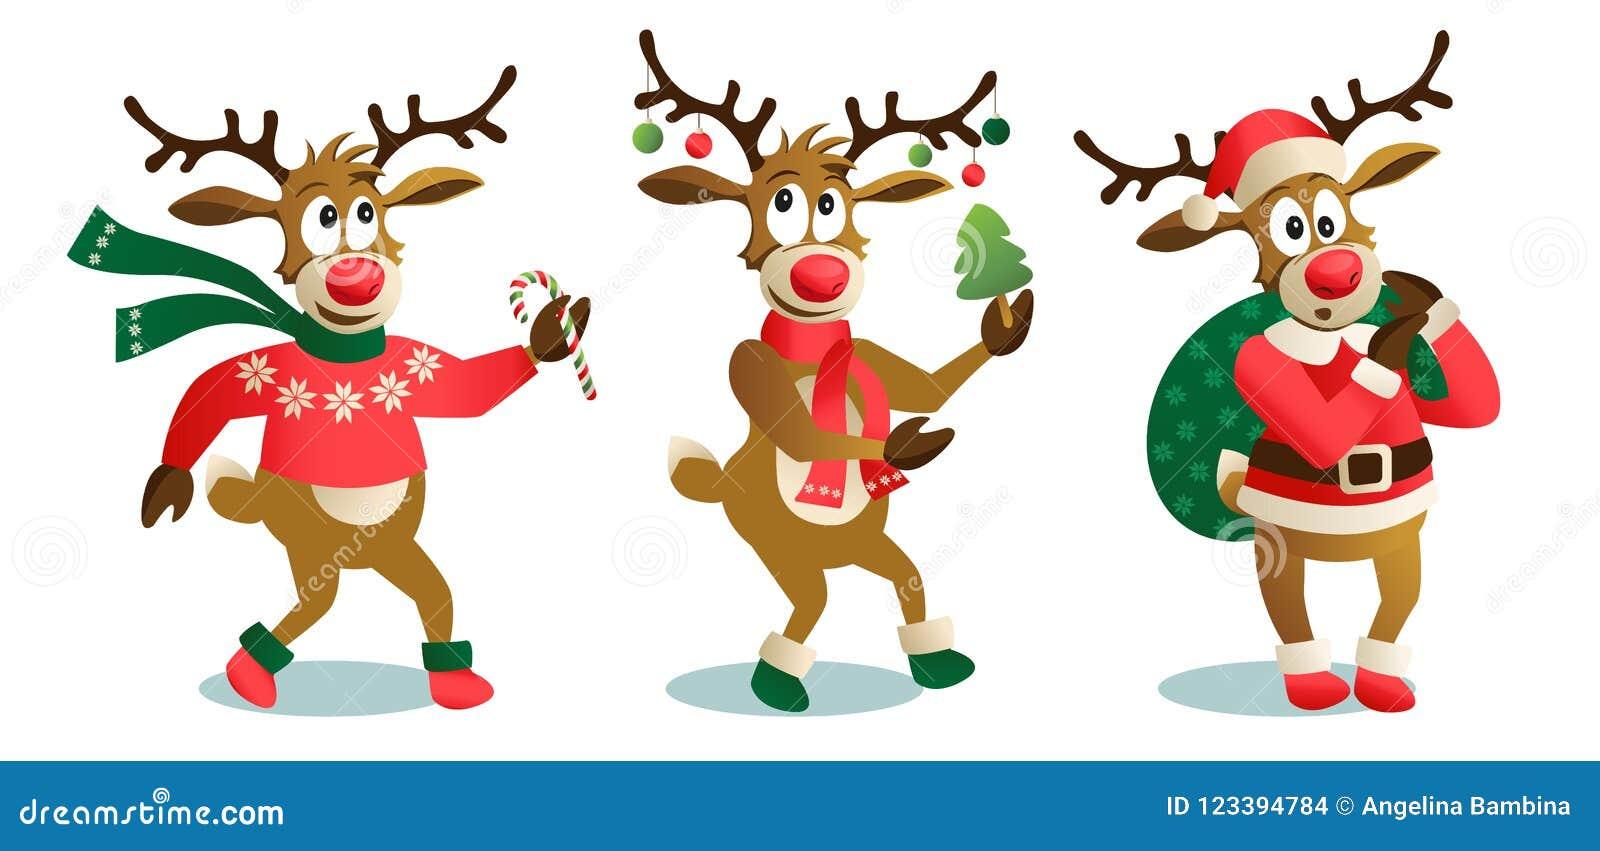 Nette und lustige Weihnachtsrene, Karikaturvektorillustration lokalisiert auf weißem Hintergrund, Ren mit Weihnachten